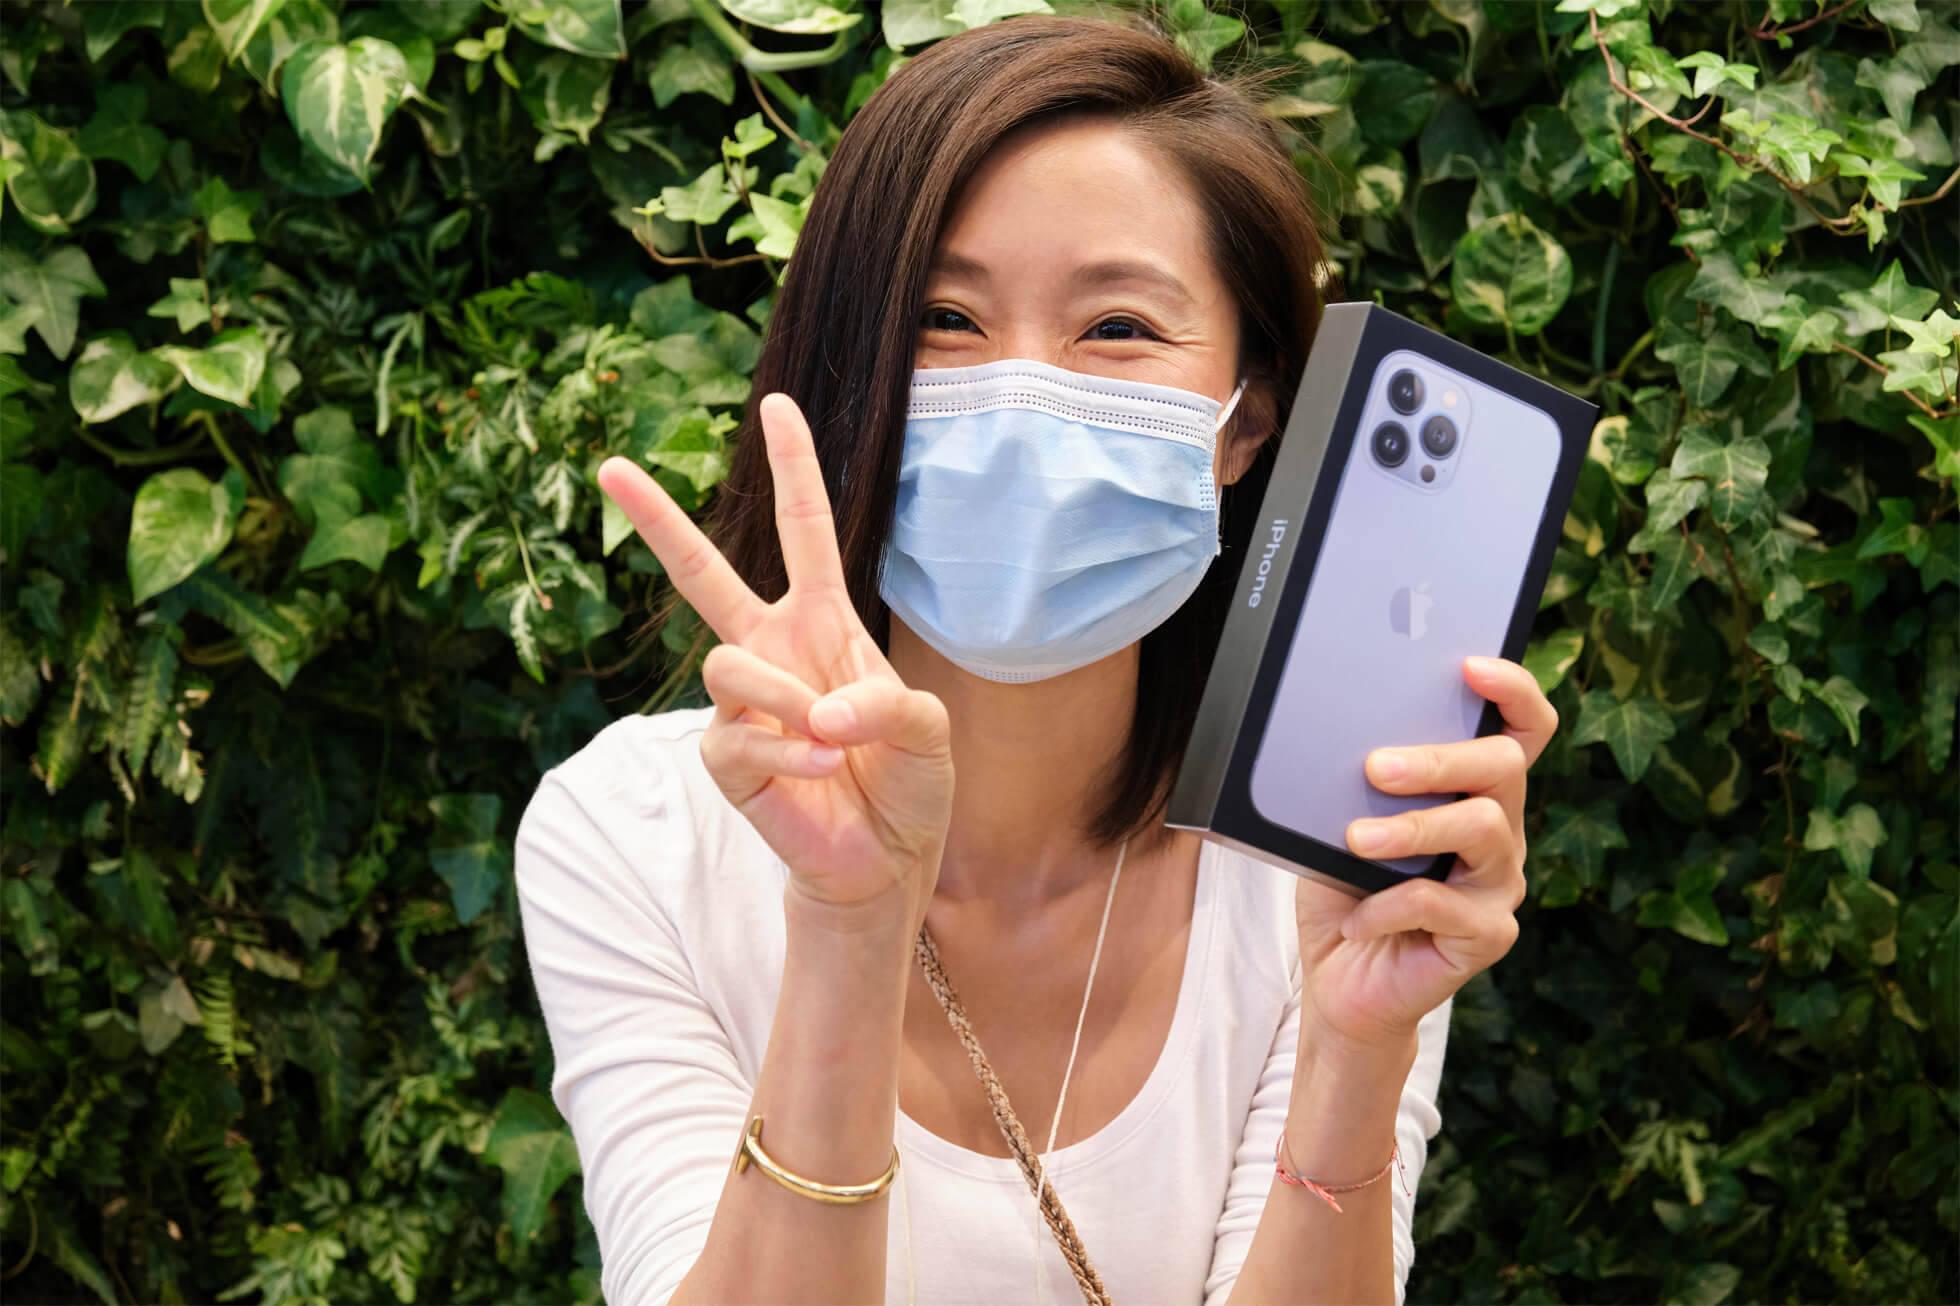 Início das vendas do iPhone 13 em Pequim. Foto: Divulgação/Apple